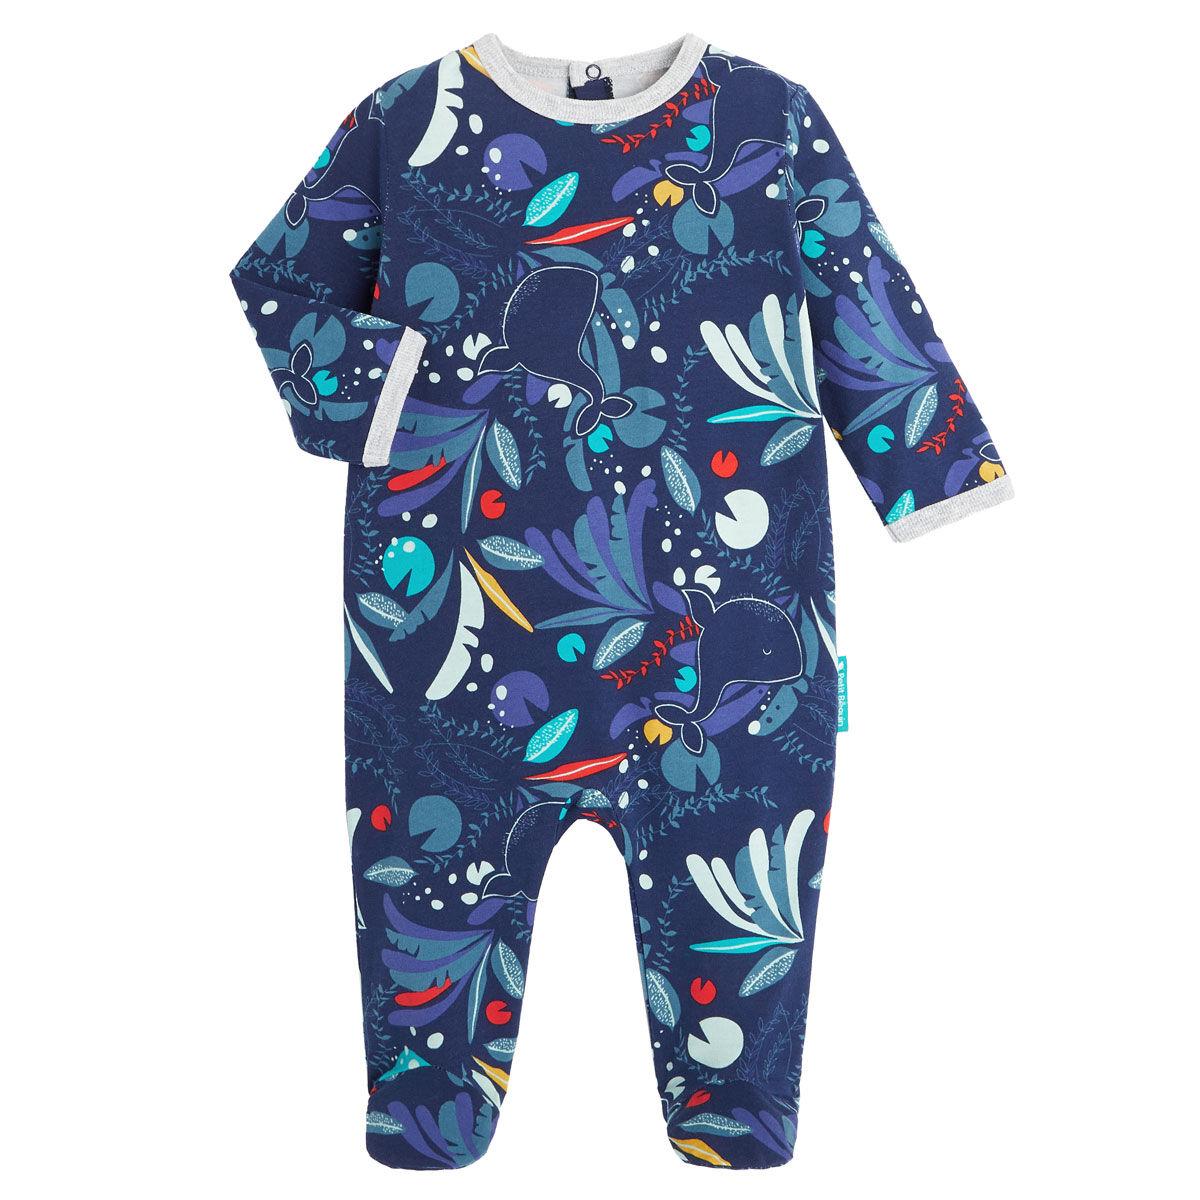 Petit Béguin Pyjama bébé contenant du coton bio Sea You - Taille - 6 mois